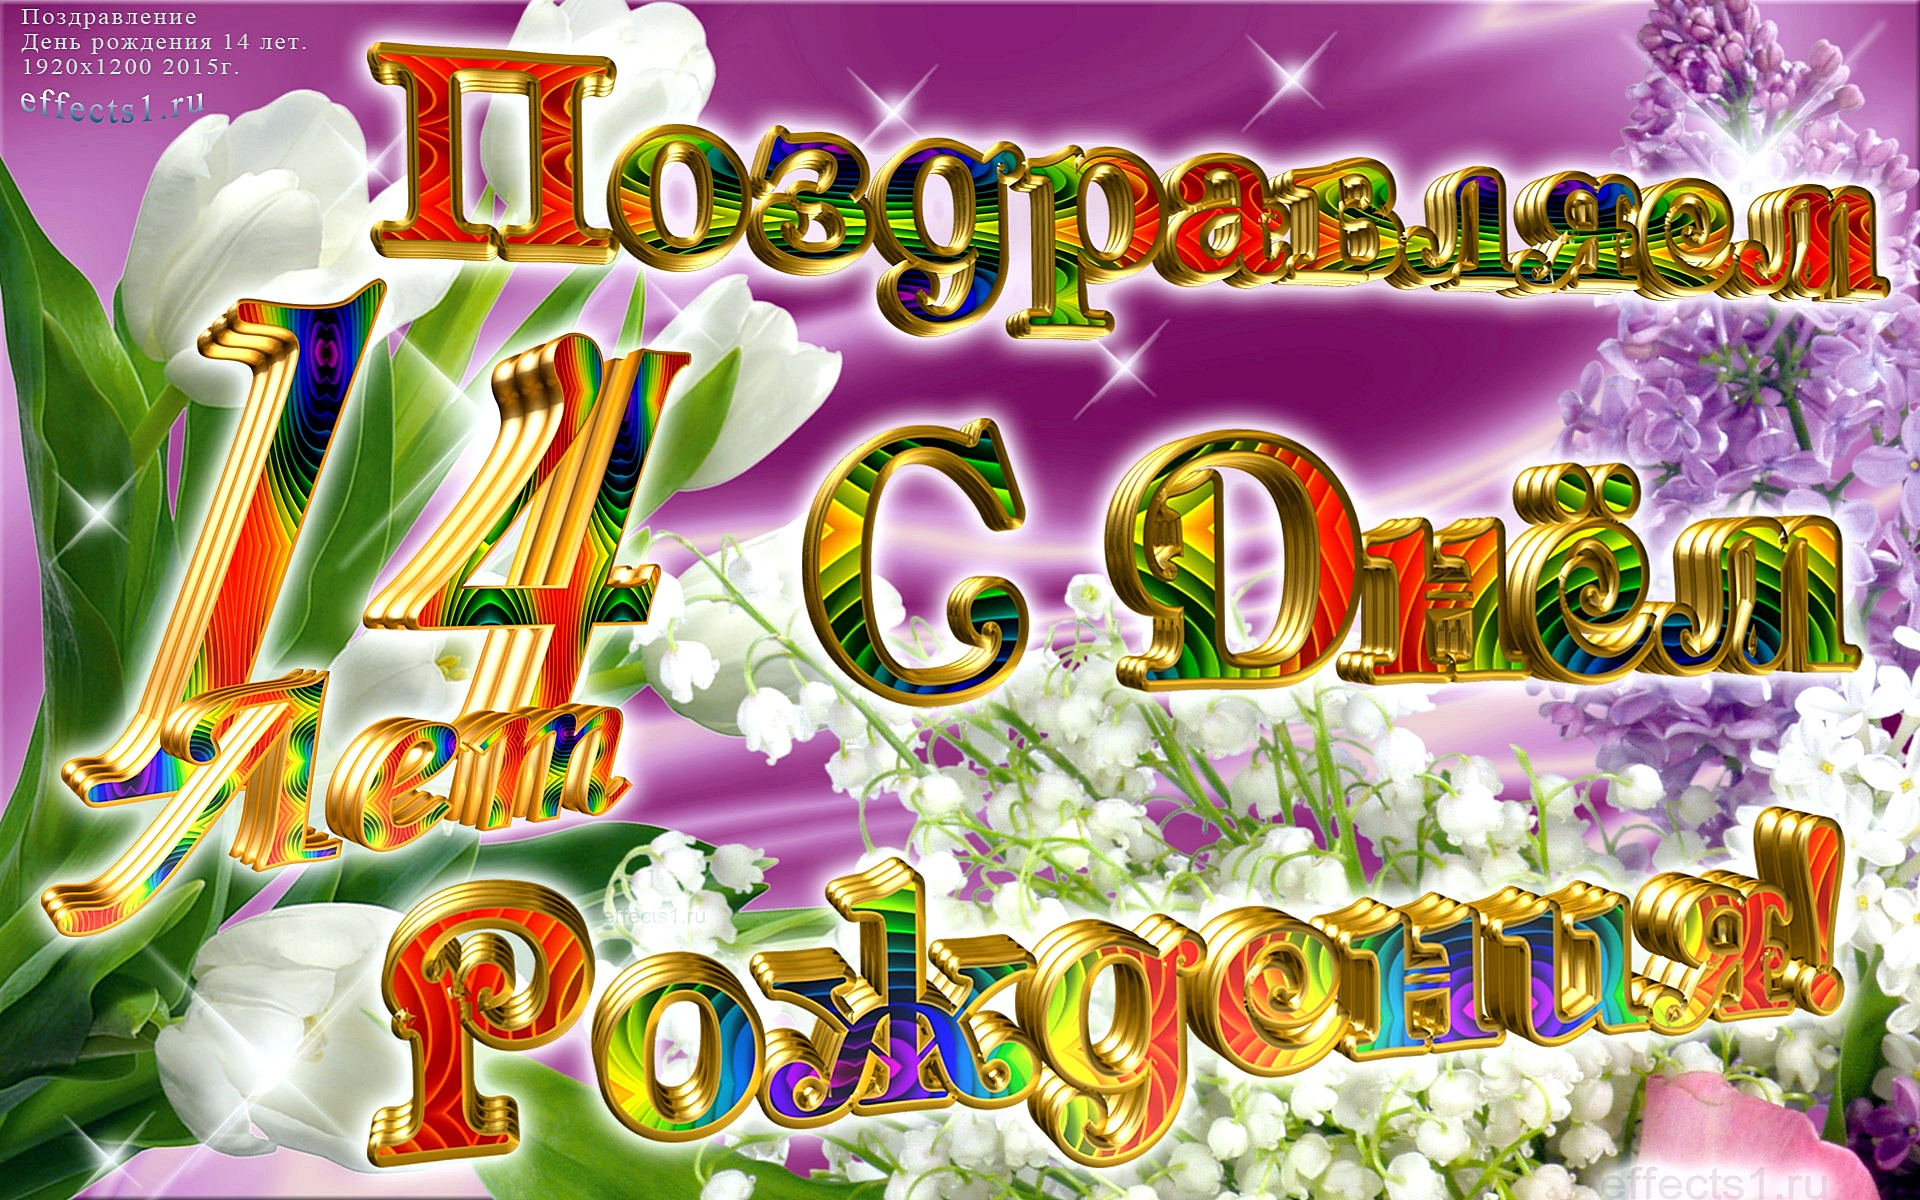 Открытки поздравления с днем рождения девочке 14 лет, тему открытка марта